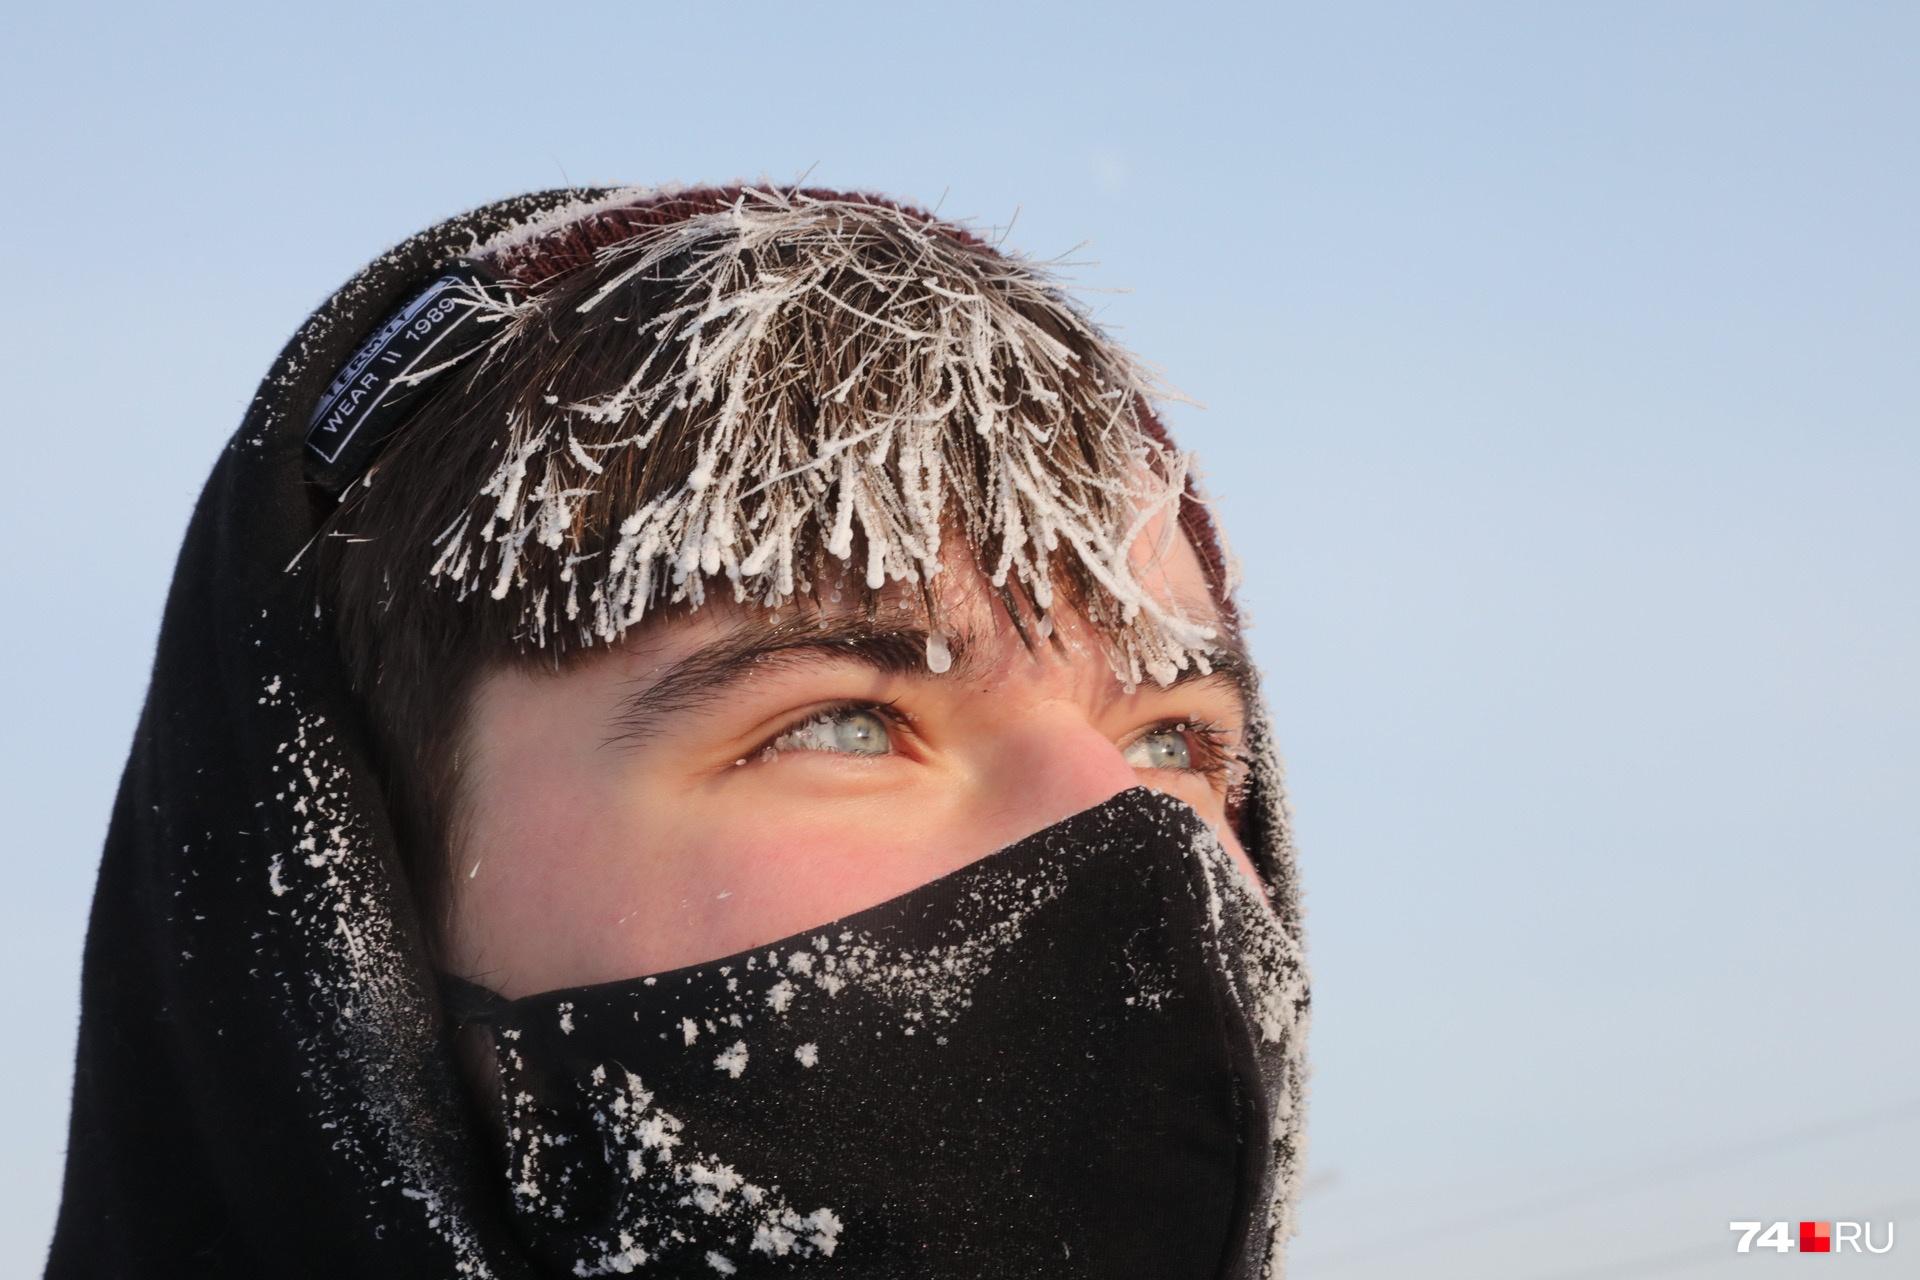 Городам Урала сегодня не повезло с погодой: в Челябинске столбик термометра осел в районе -25 градусов